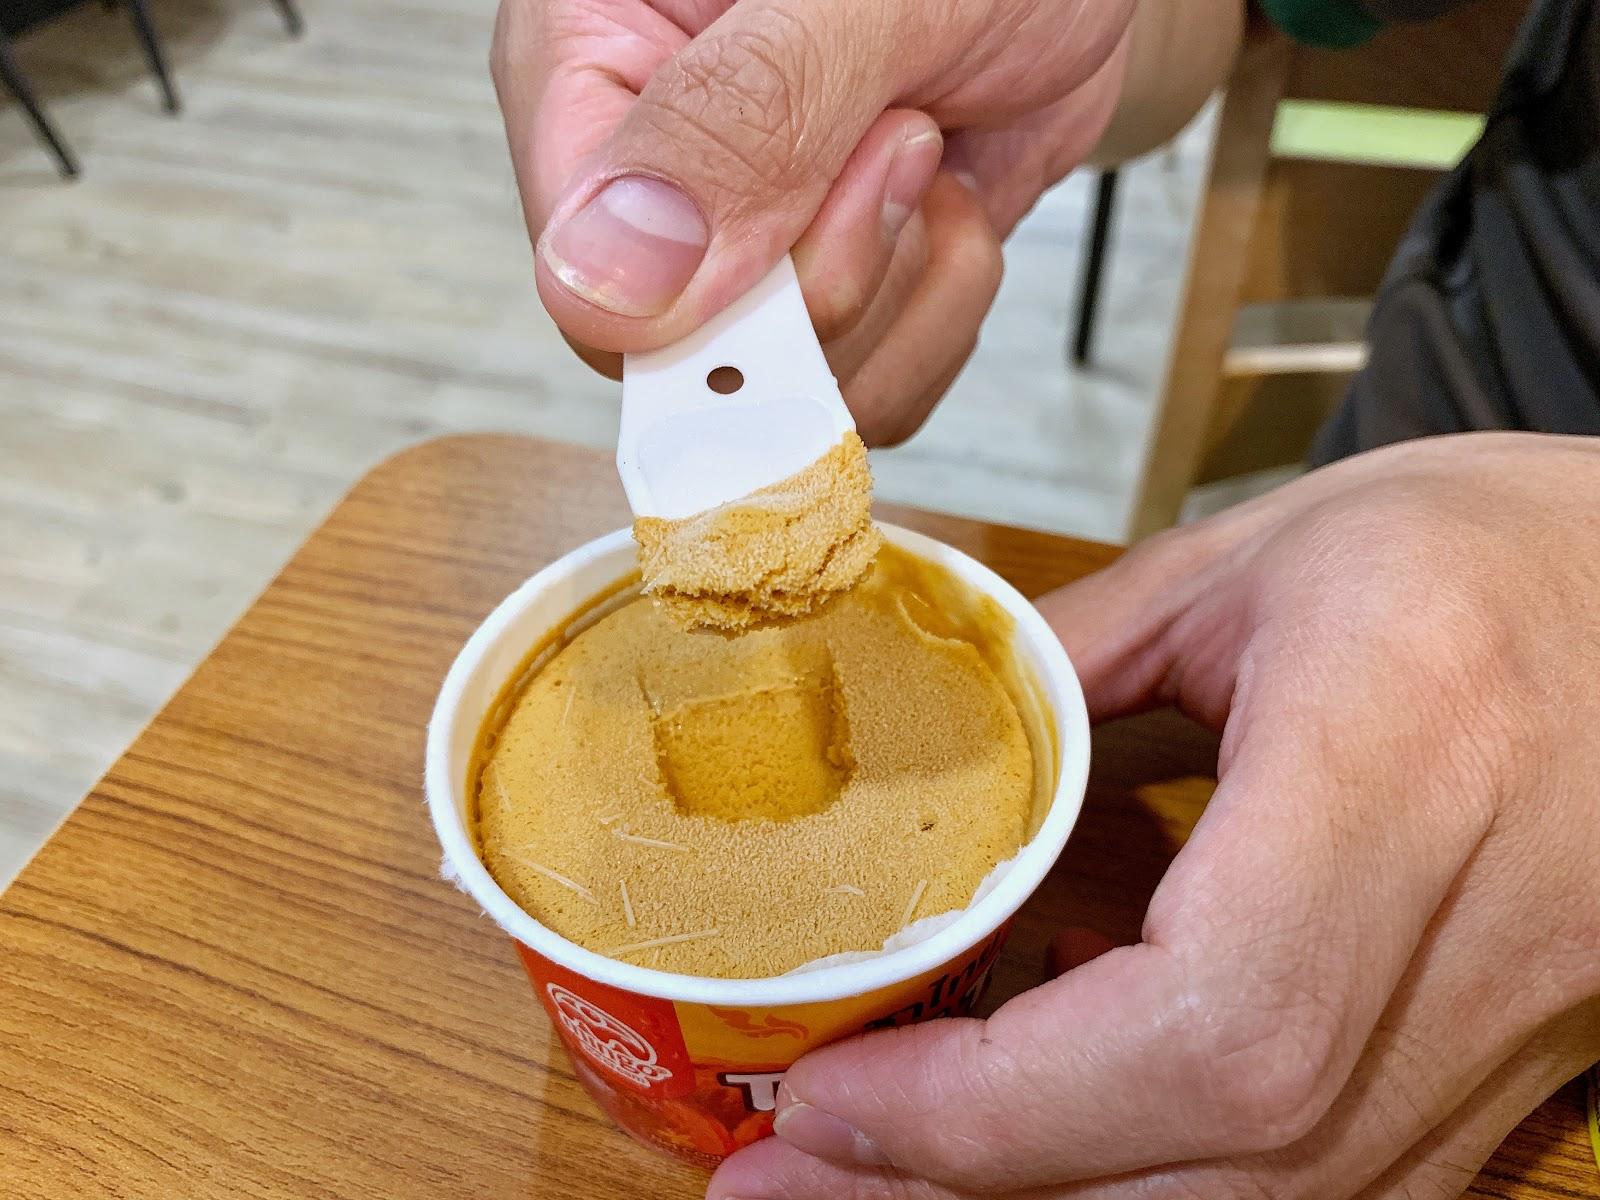 明果冰淇淋泰奶口味也好吃